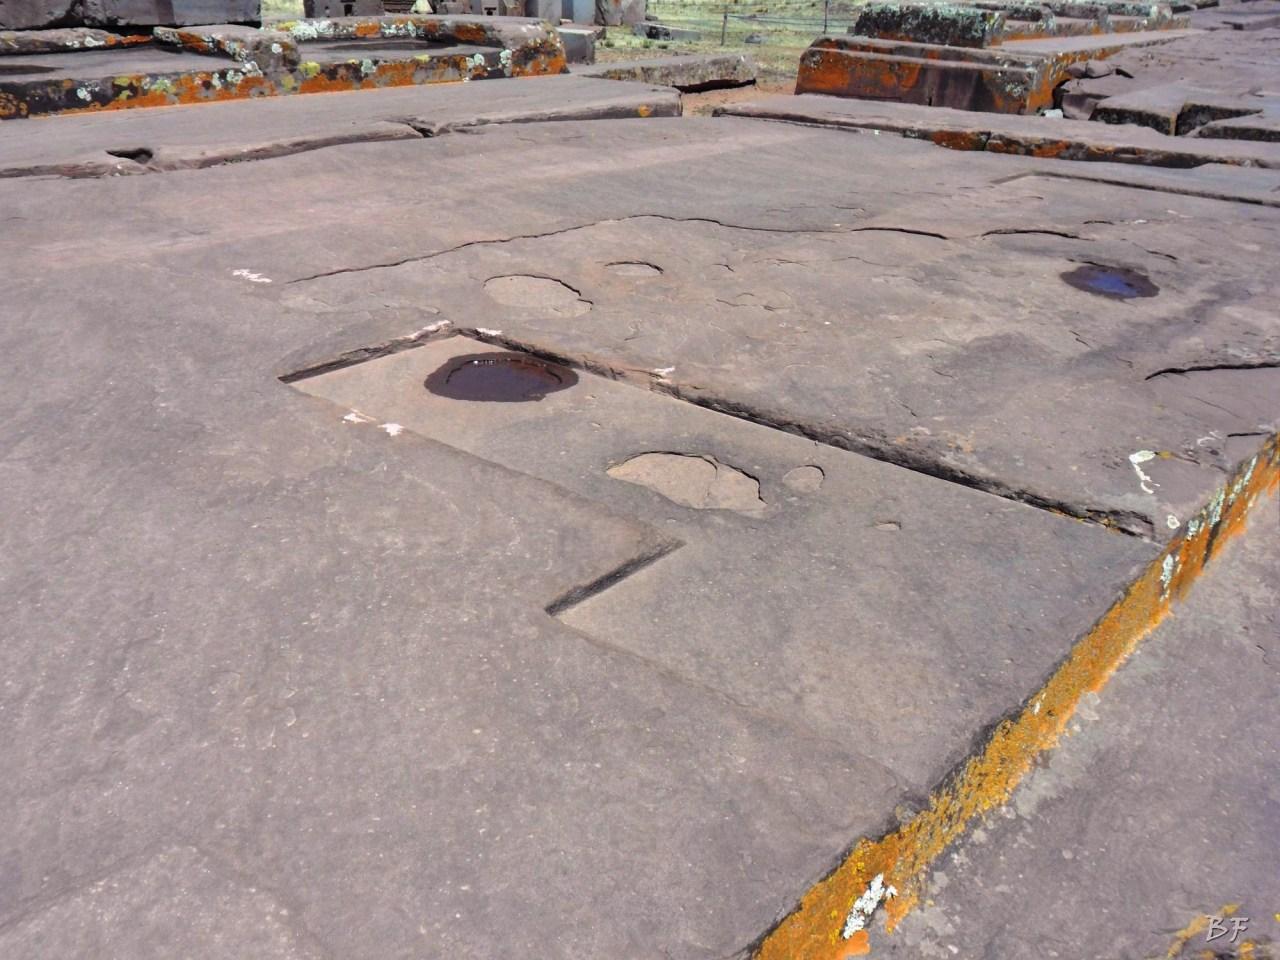 Puma-Punku-Area-Megalitica-Mura-Poligonali-Megaliti-Tiwanaku-Tiahuanaco-Bolivia-2